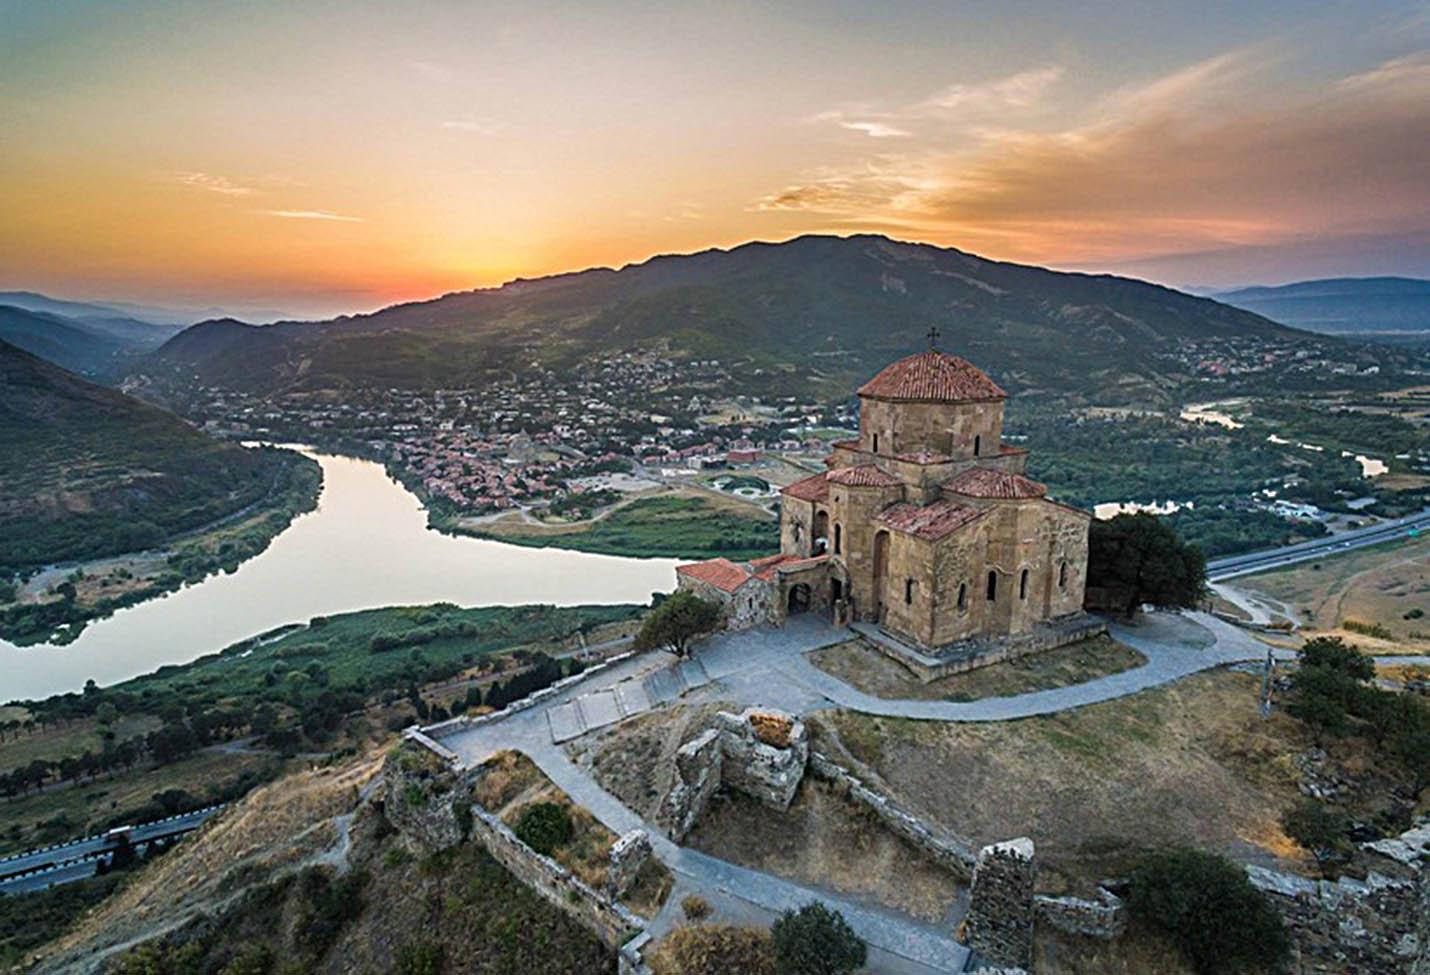 картинка фотография курорта Мцхета в Грузии